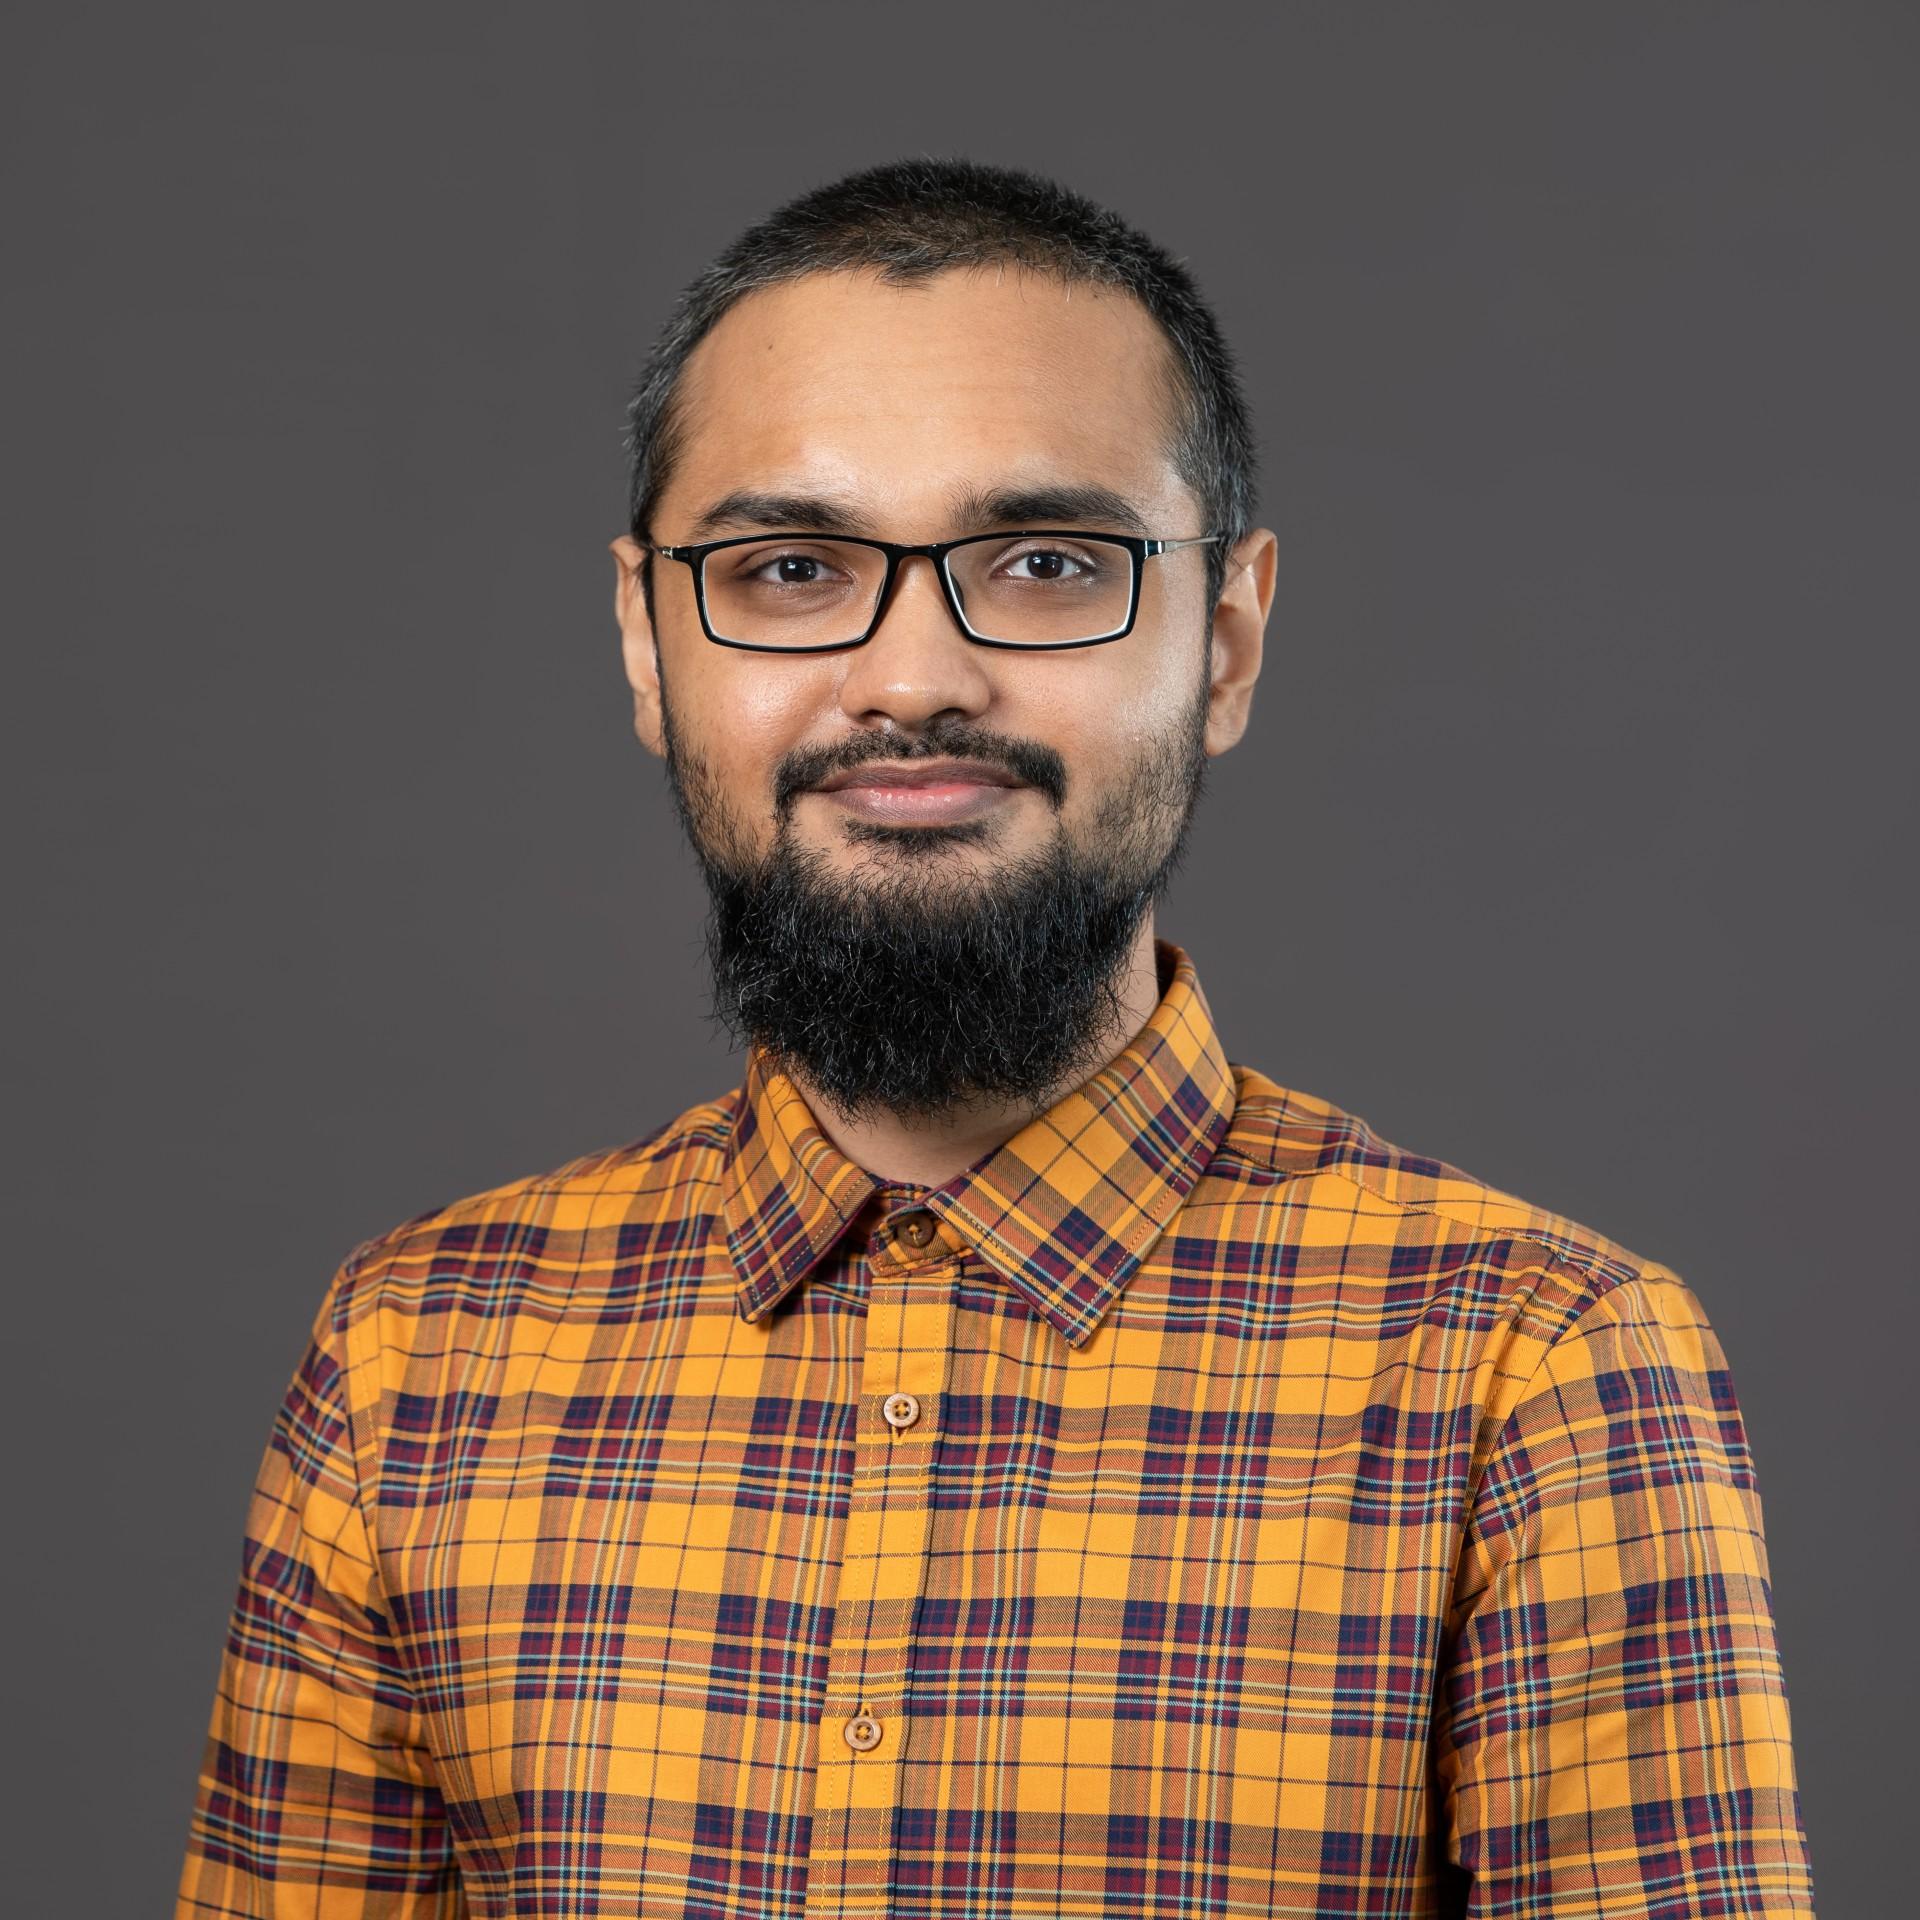 Samuel Mursalin, Coordinator, NSU Startups Next